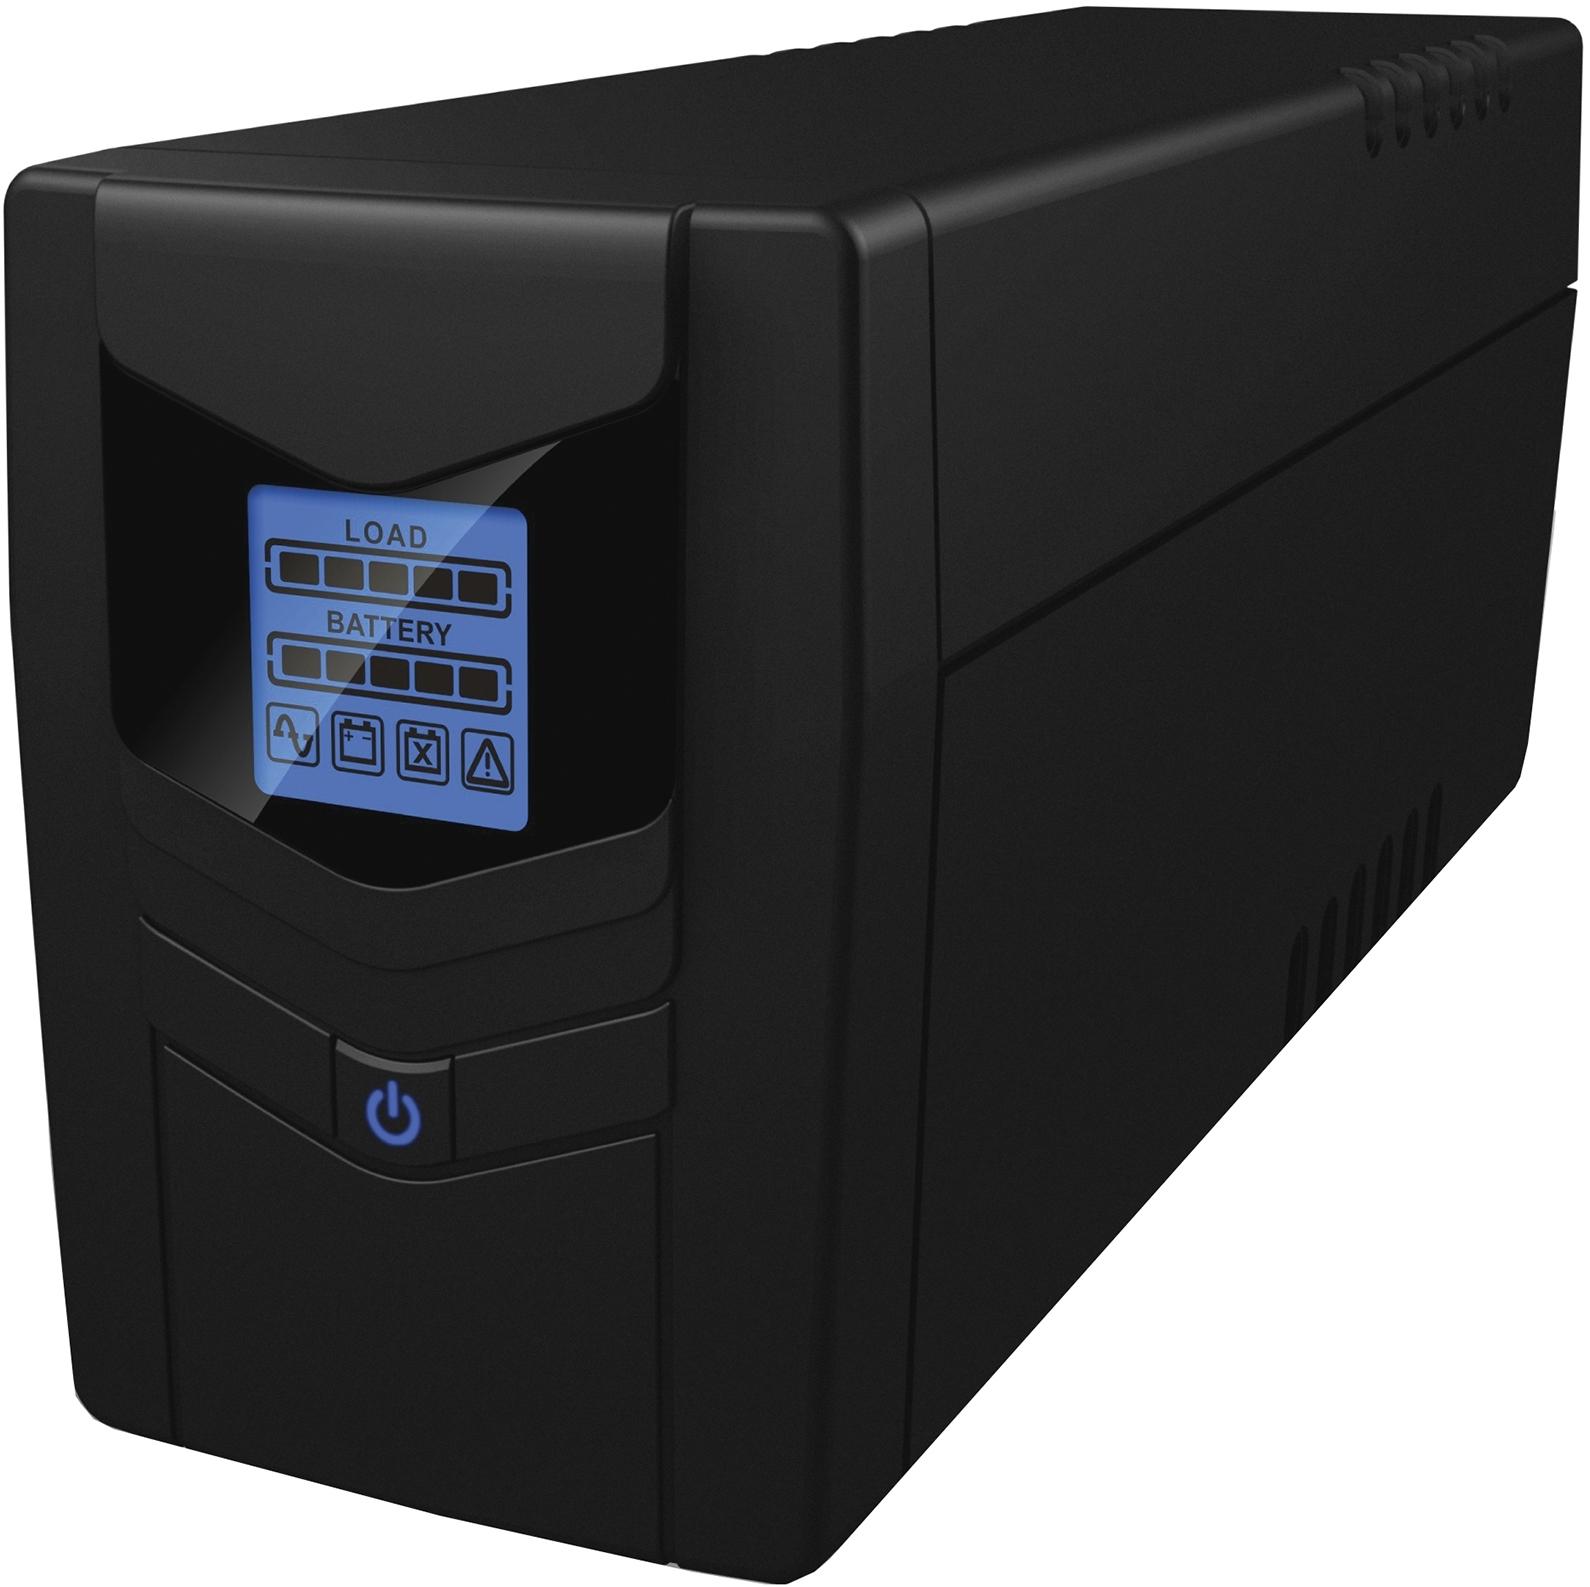 Источник бесперебойного питания Ippon Back Power Pro LCD 600 Euro, Black - Источники бесперебойного питания (UPS)